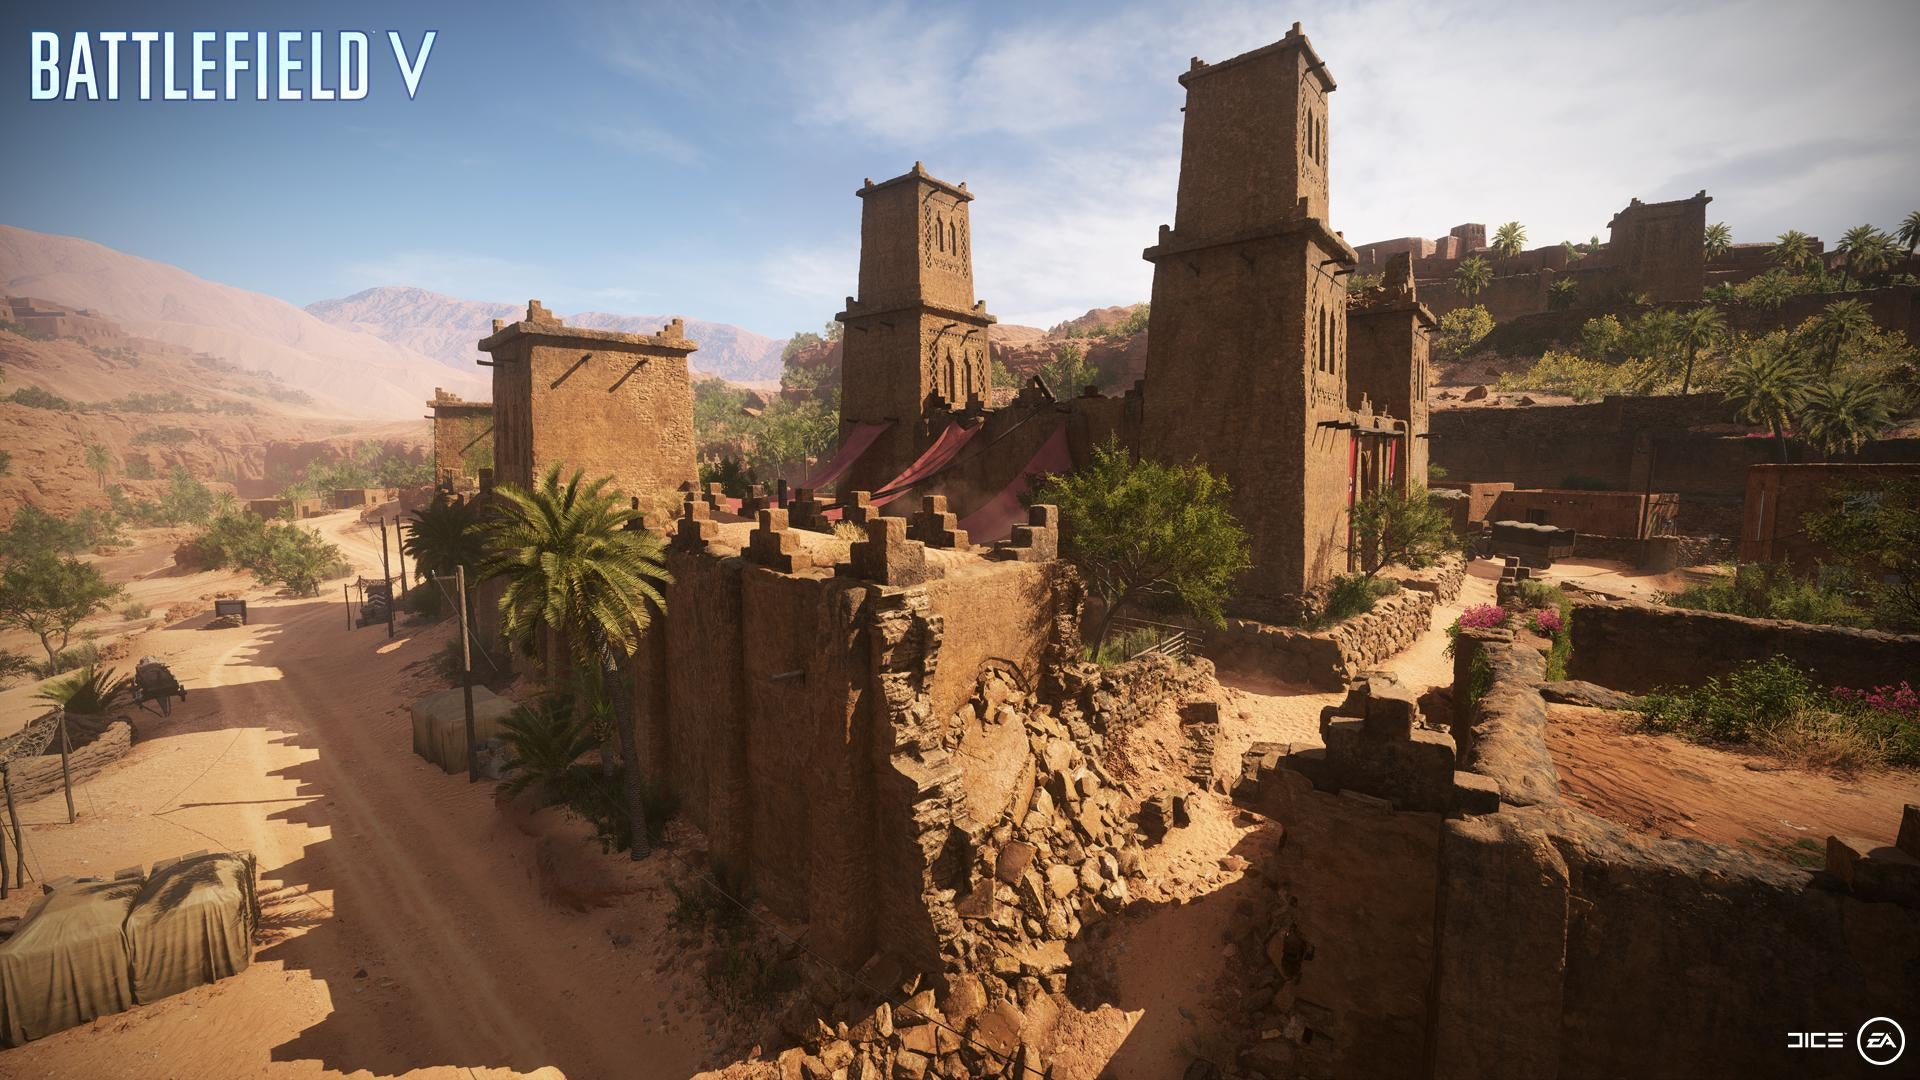 Летнее обновление Battlefield 5 будет выпущено 4 июня, содержит новые карты, оружие, гаджеты и многое другое